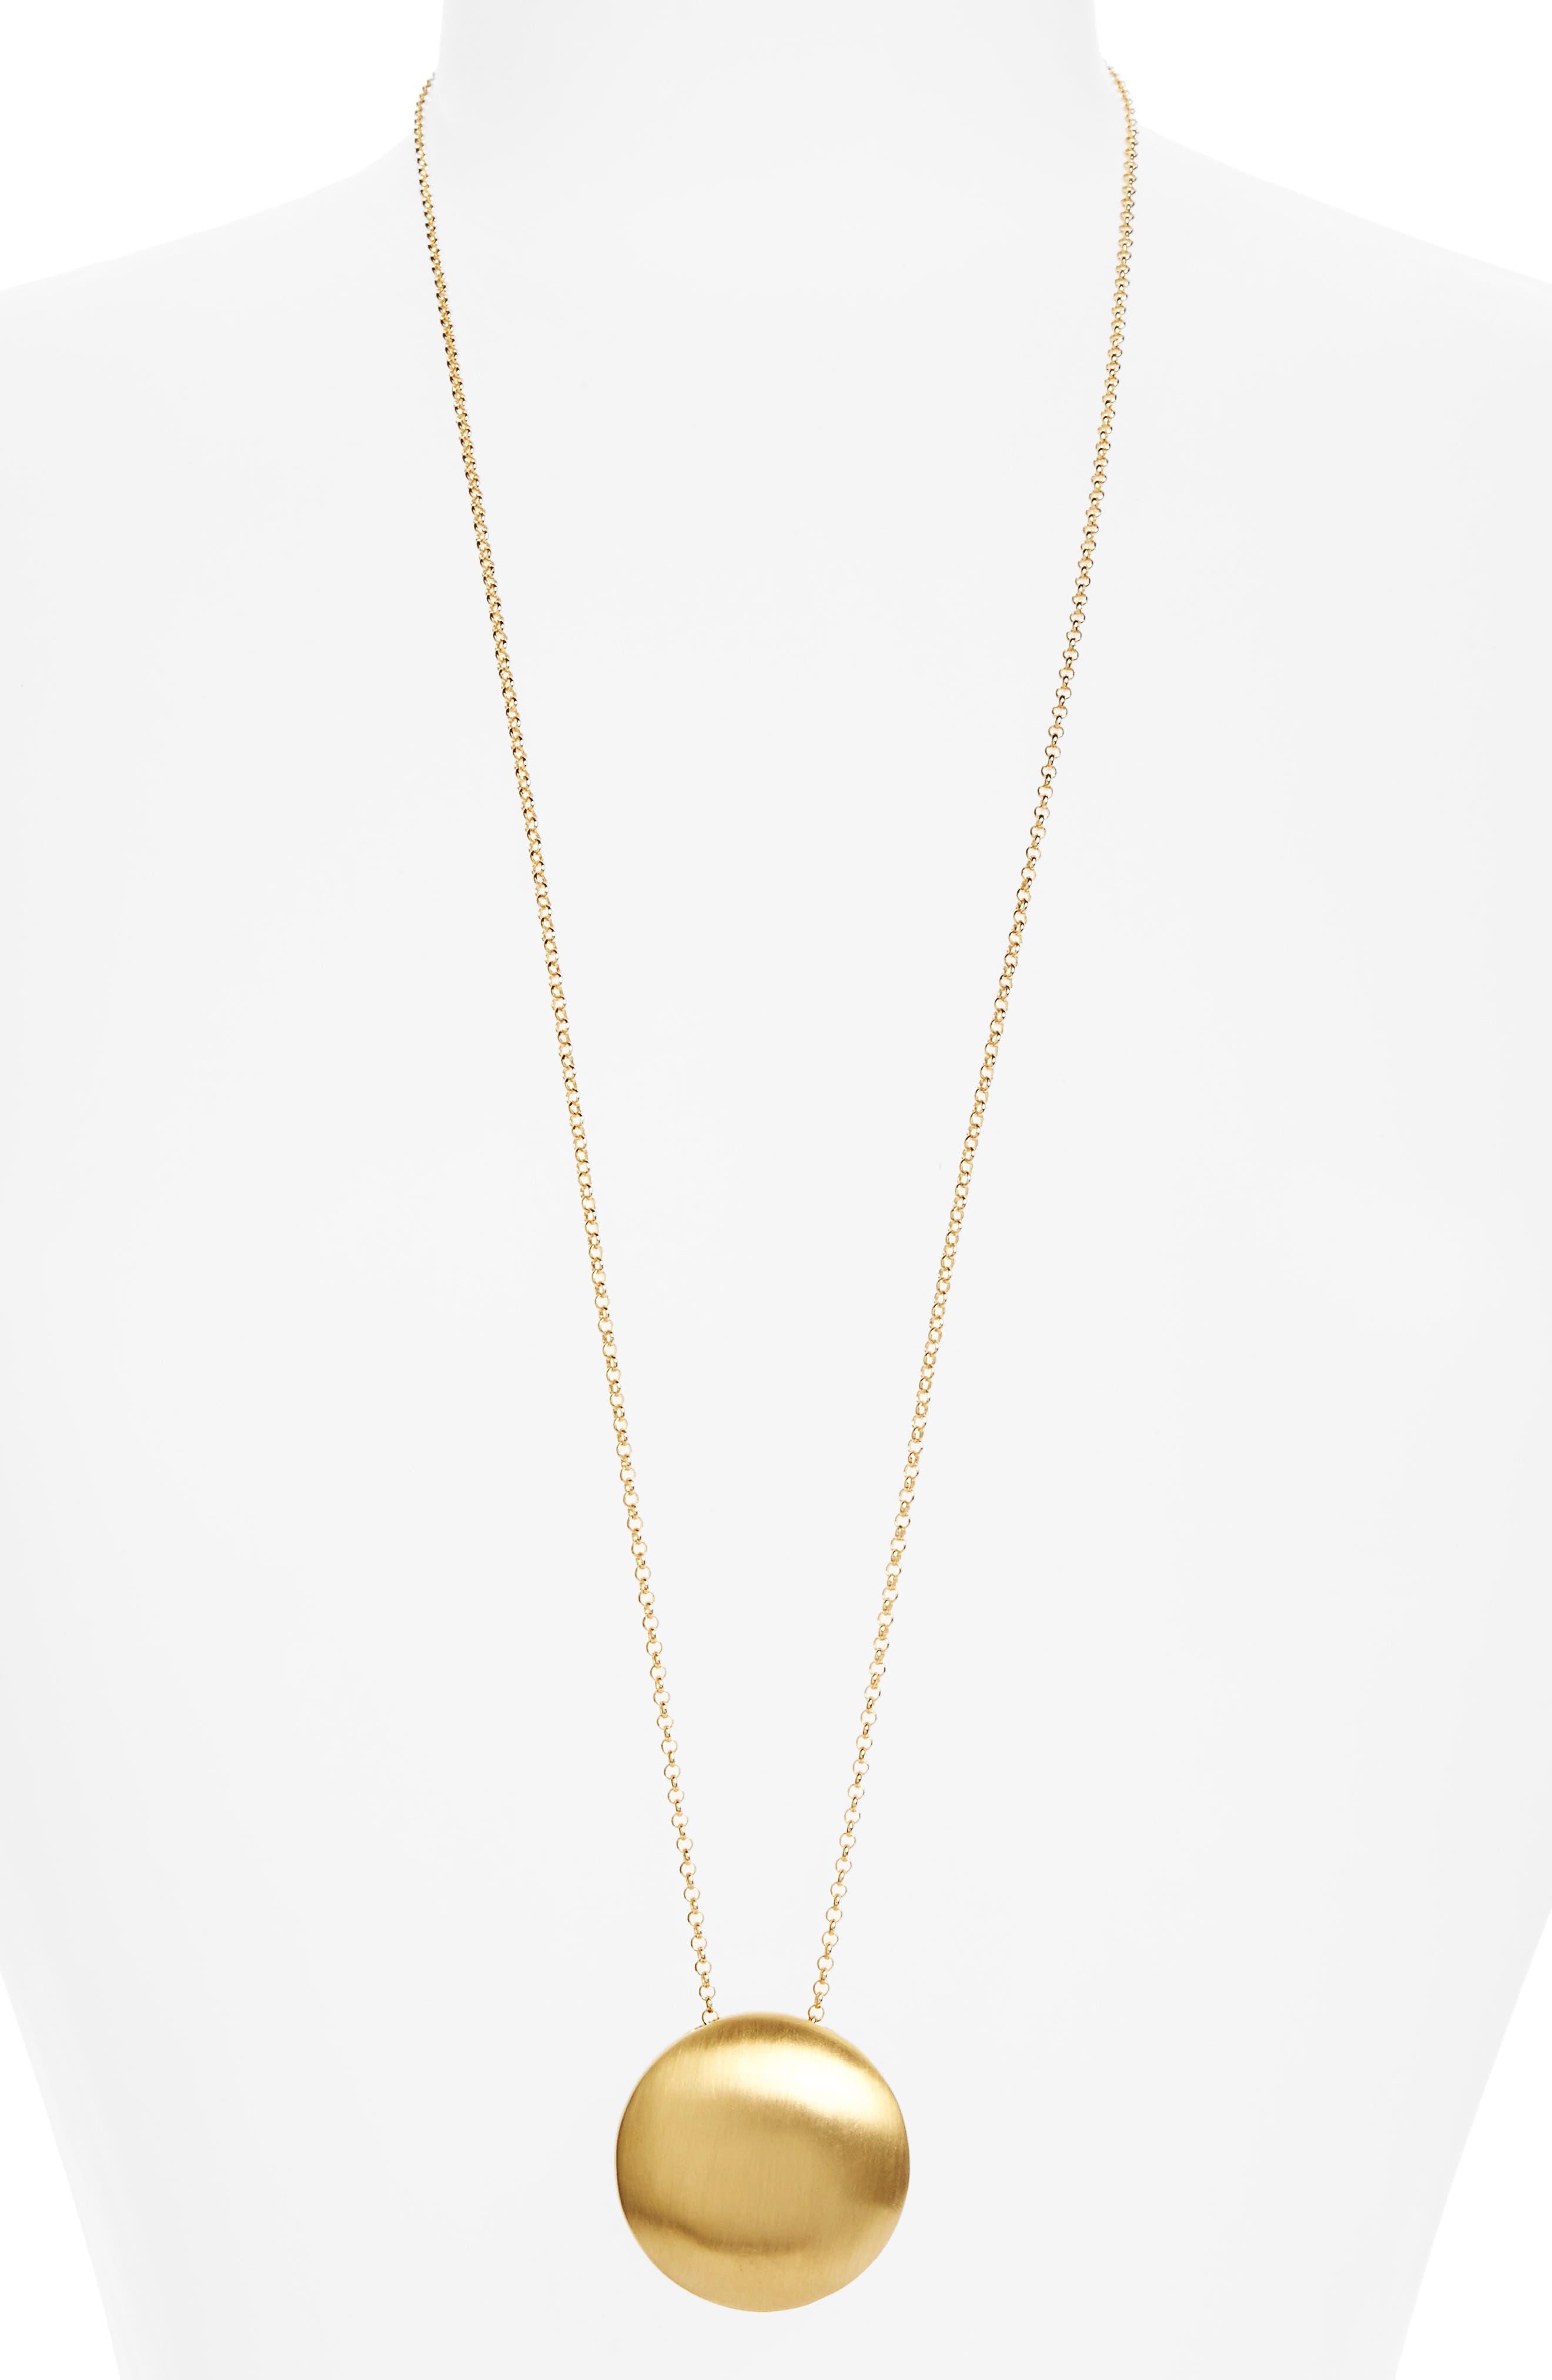 DEAN DAVIDSON Sphere Pendant Necklace